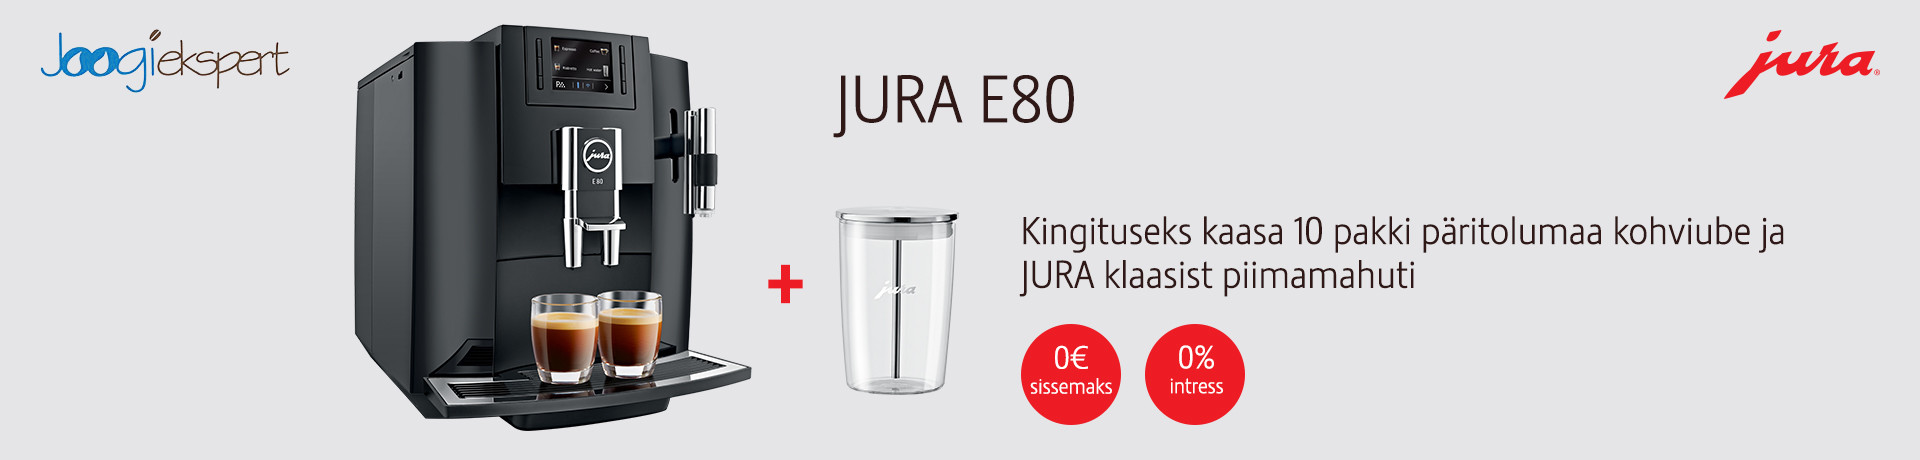 Kohvikeskus JURA E80 1920x460